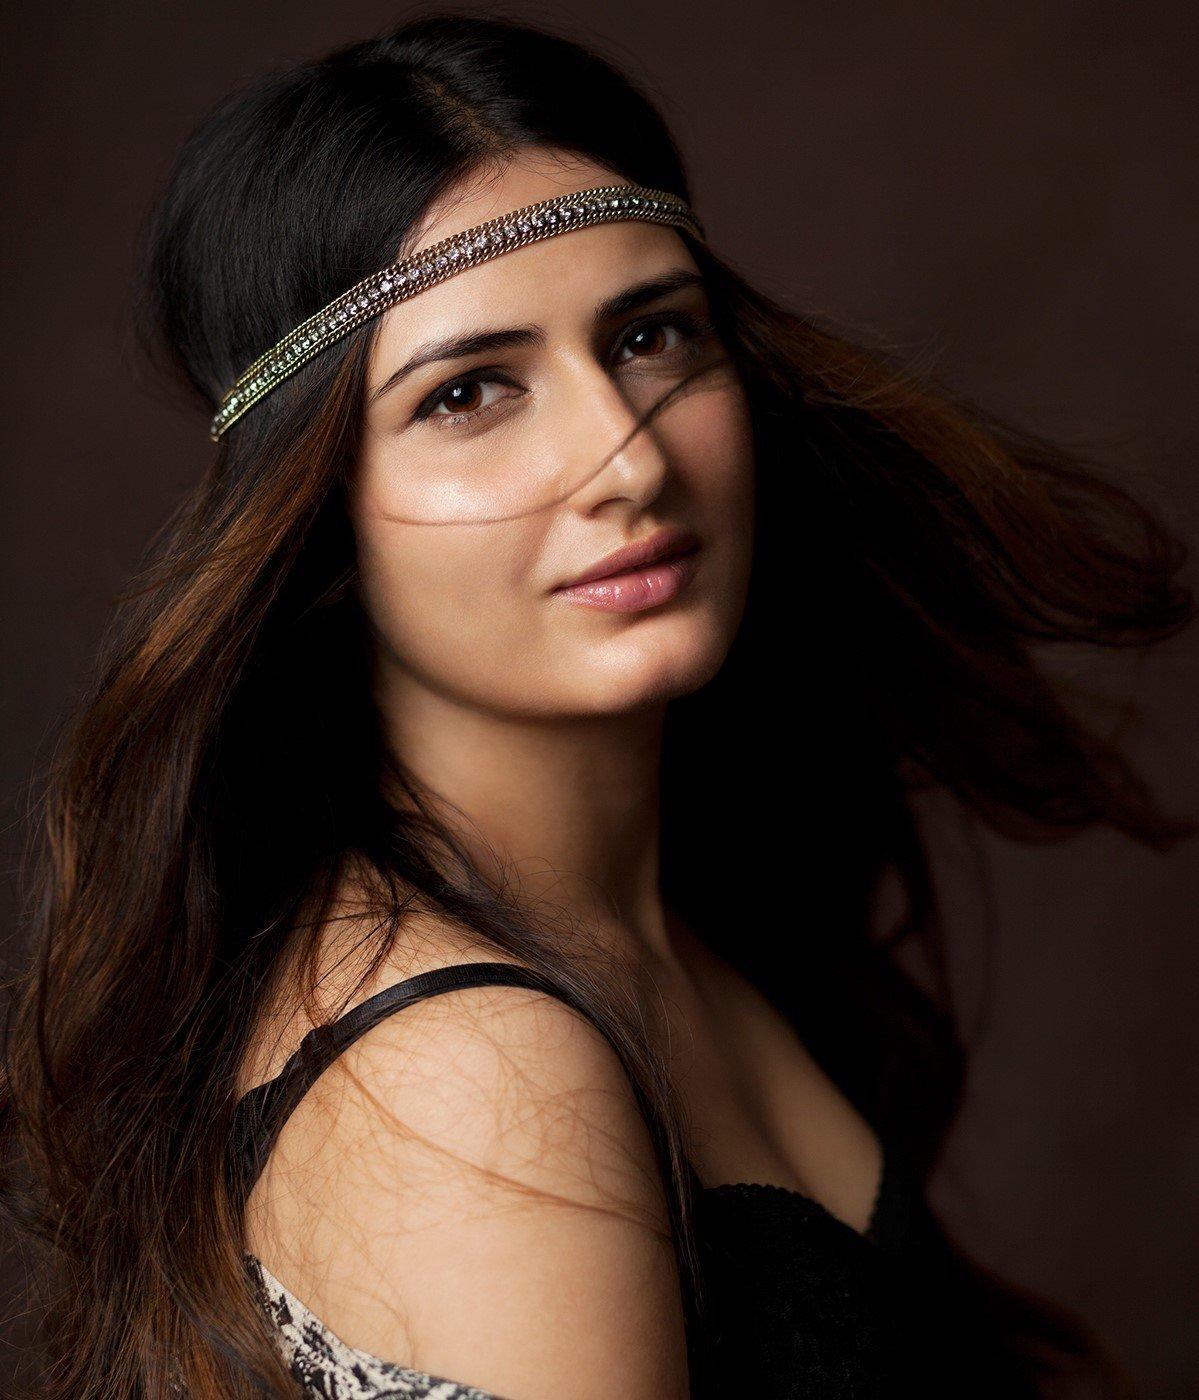 Fatima Sana Shaikh Image